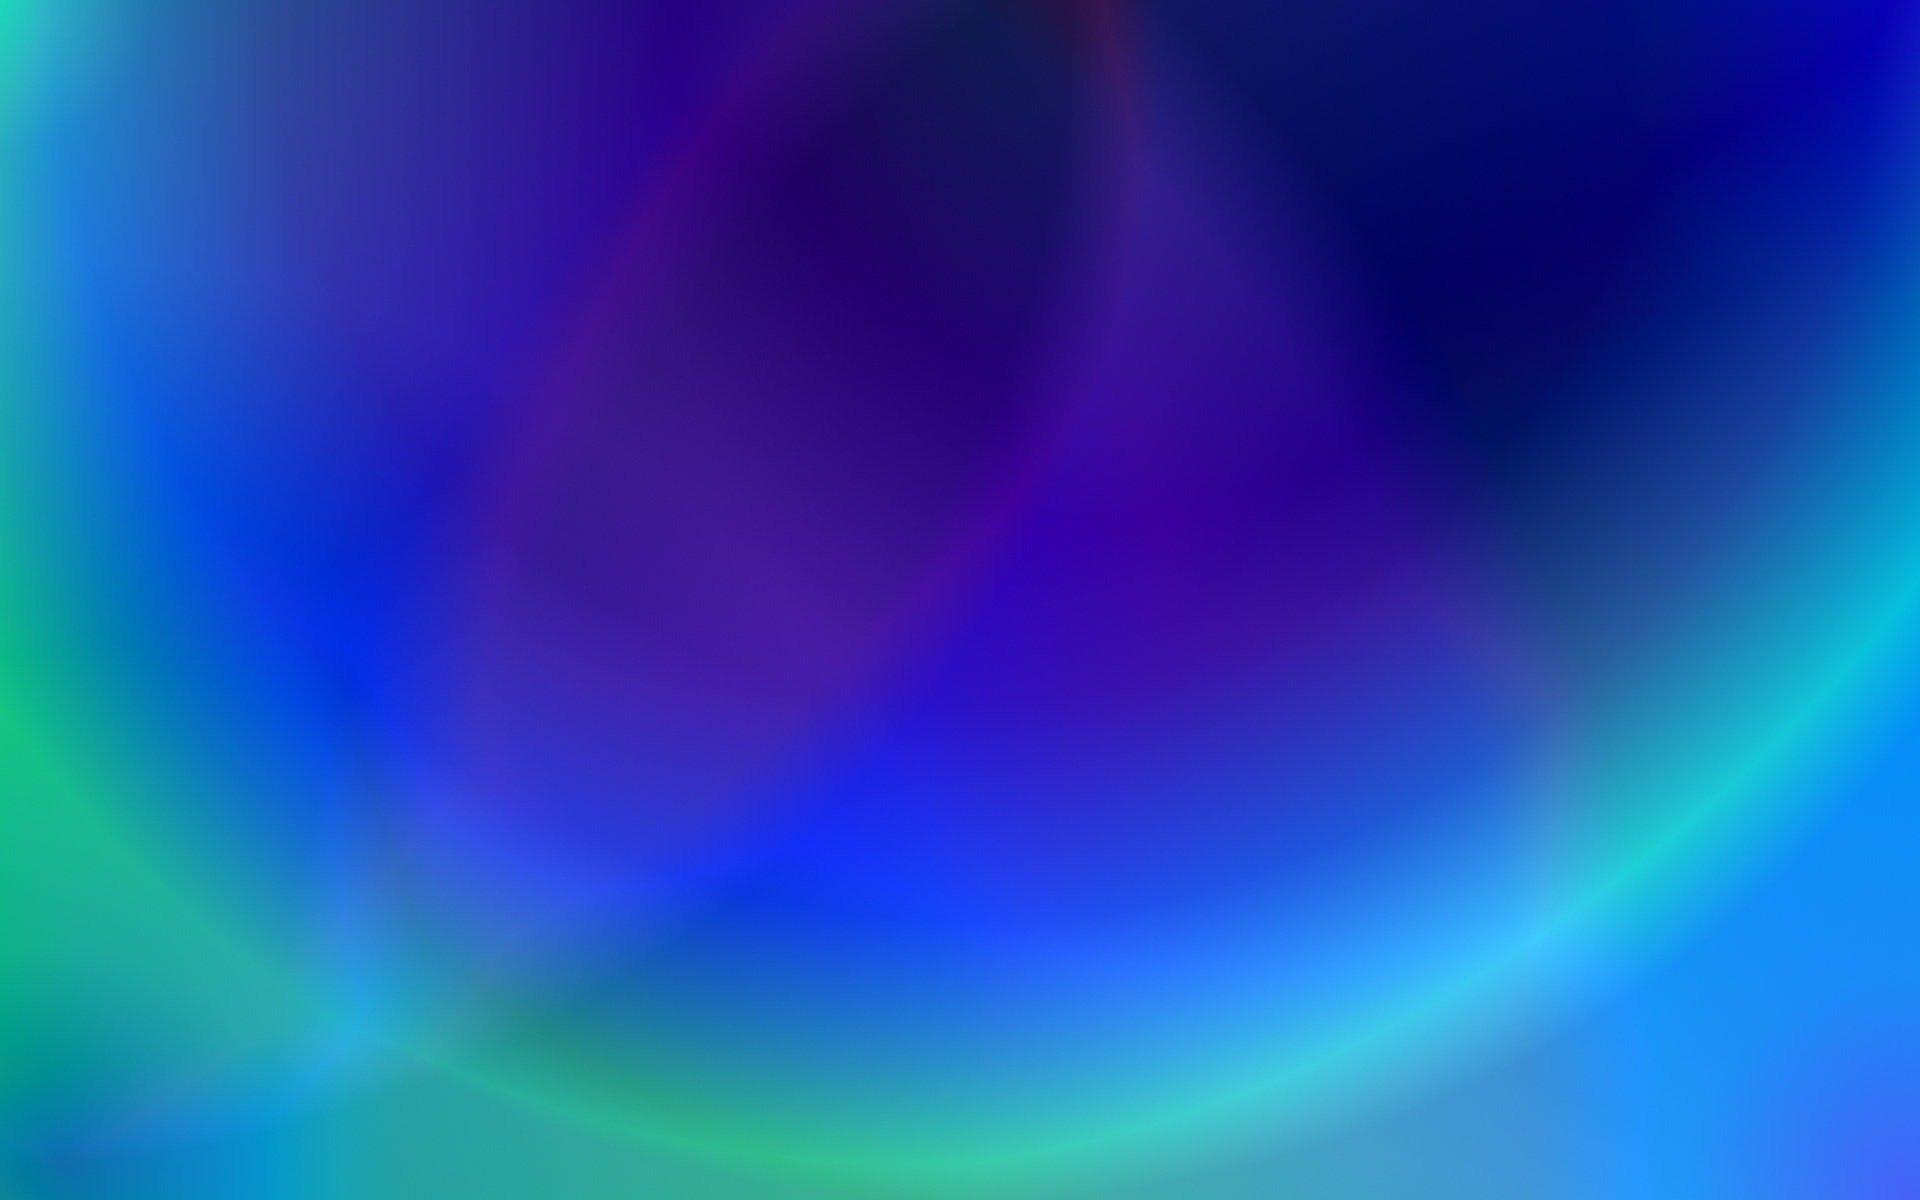 Blue Aura Wallpaper 1920x1200